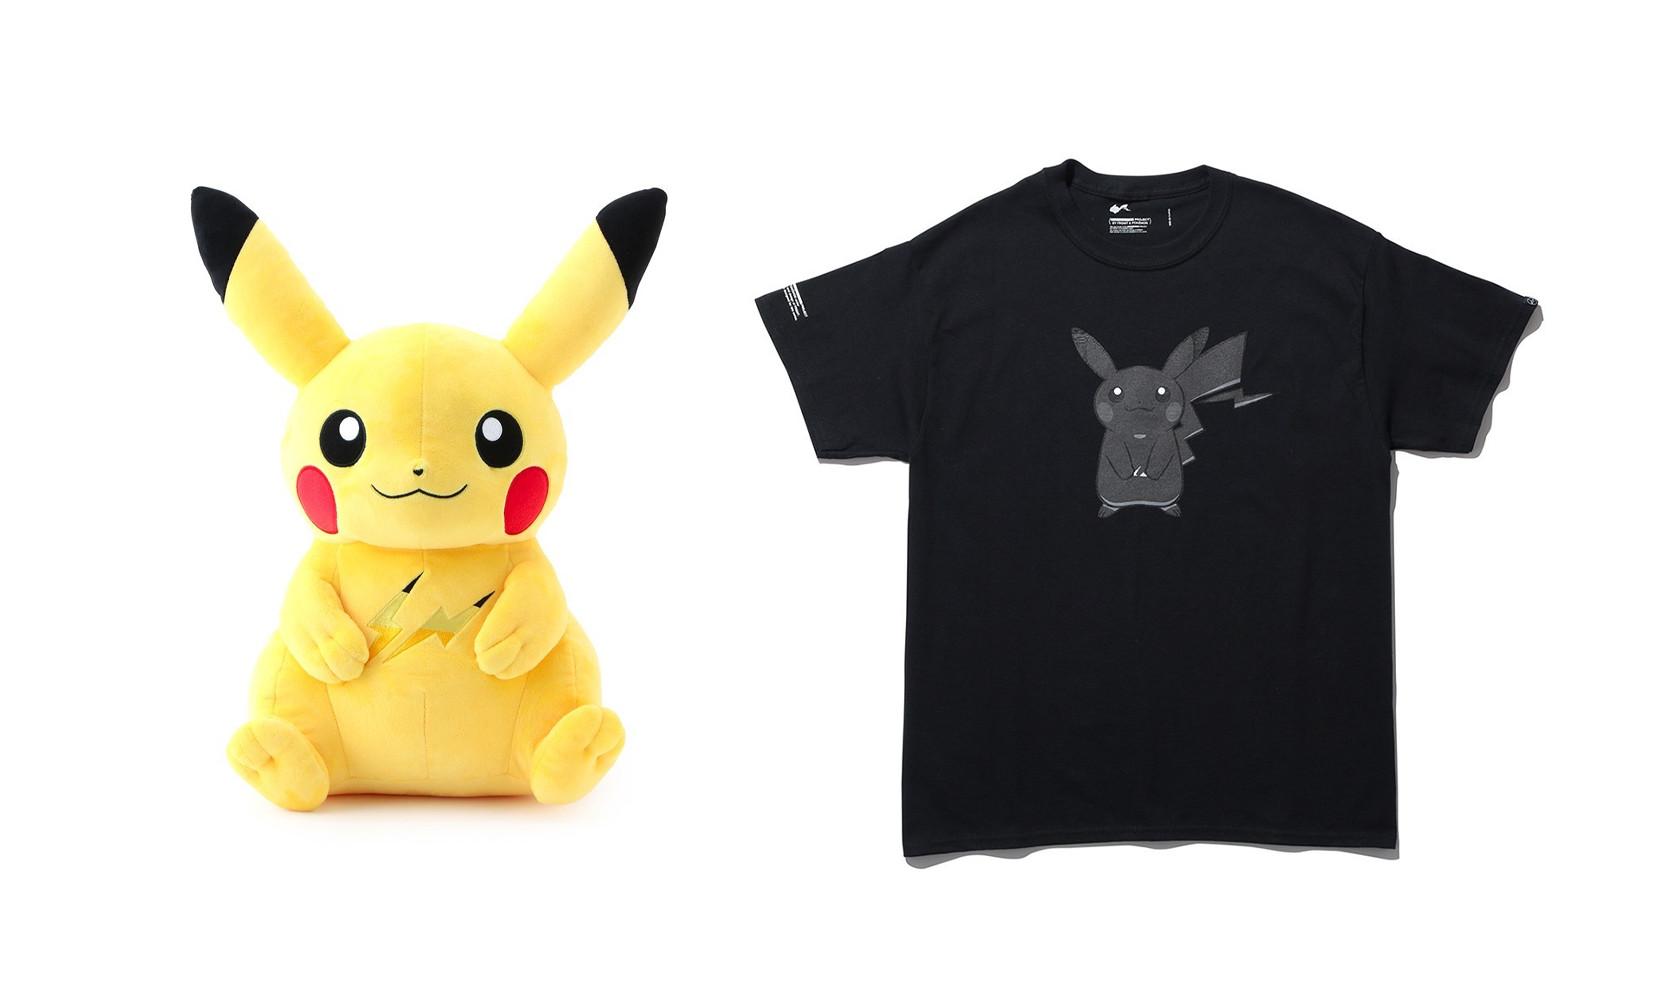 Pokémon x THUNDERBOLT PROJECT BY FRGMT